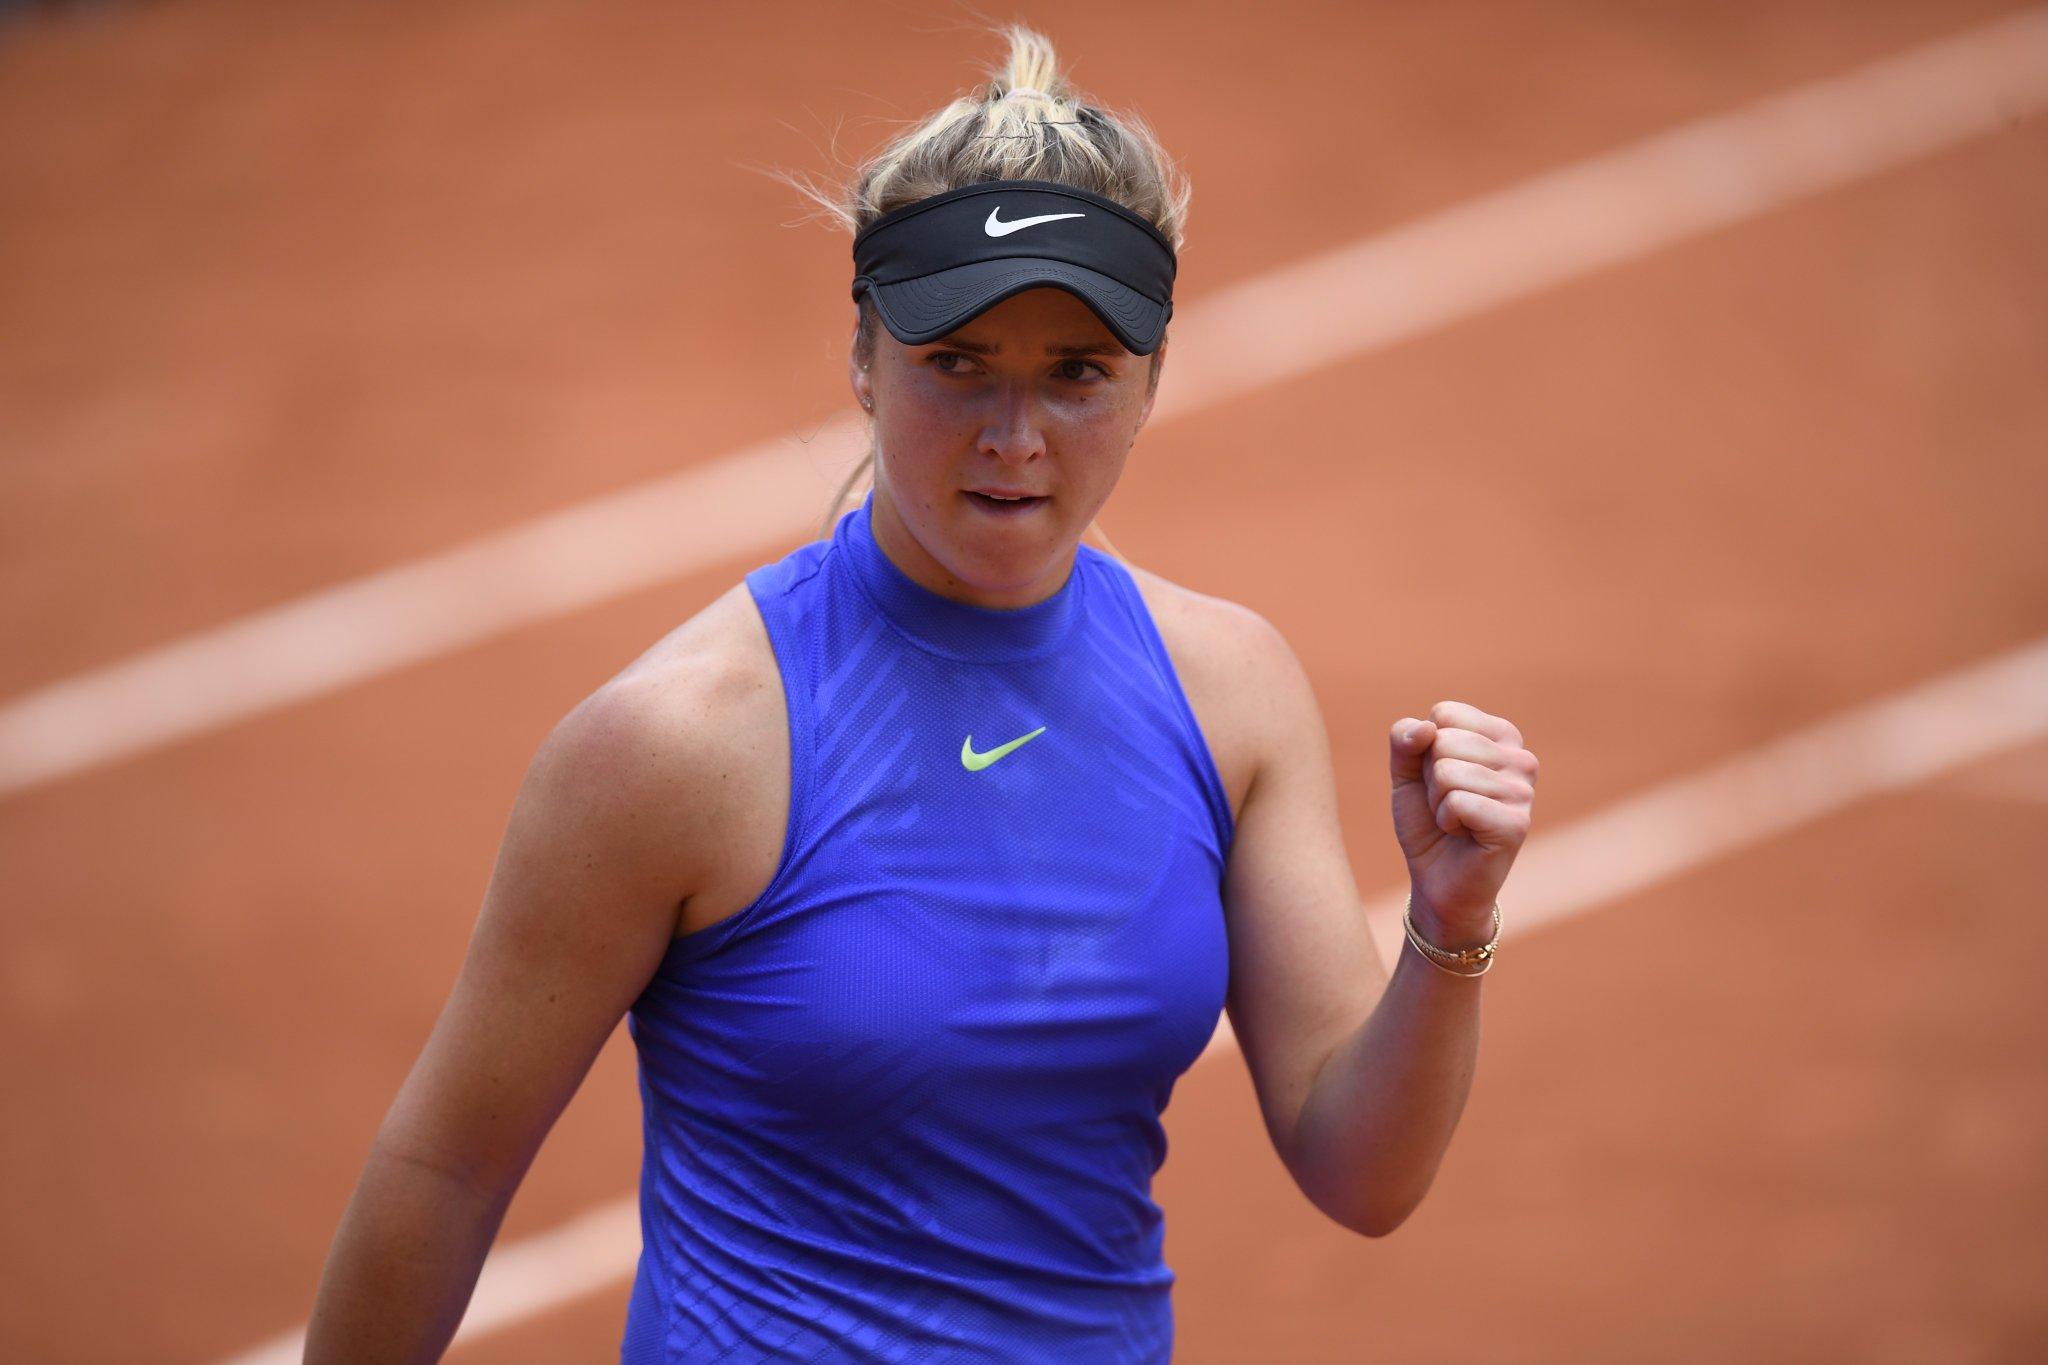 Элина Свитолина вошла в топ-5 рейтинга WTA и обновила рекорд Украины